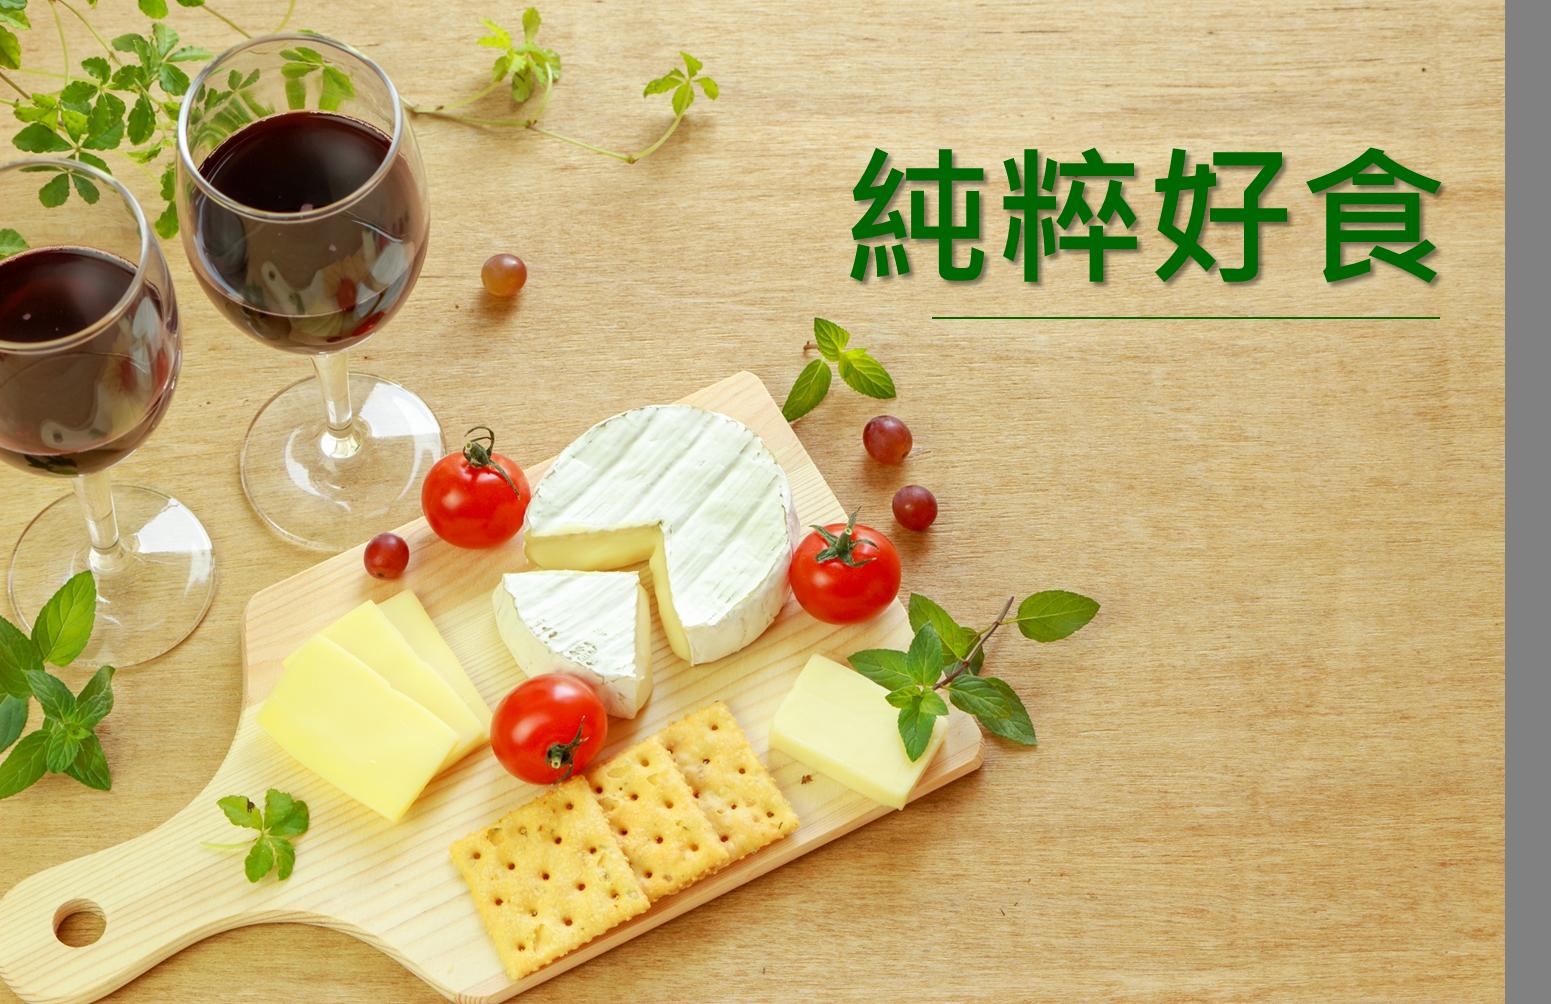 以天然食材為主,通過安全檢測、對健康有益,通過盲測而評價高之優良食品